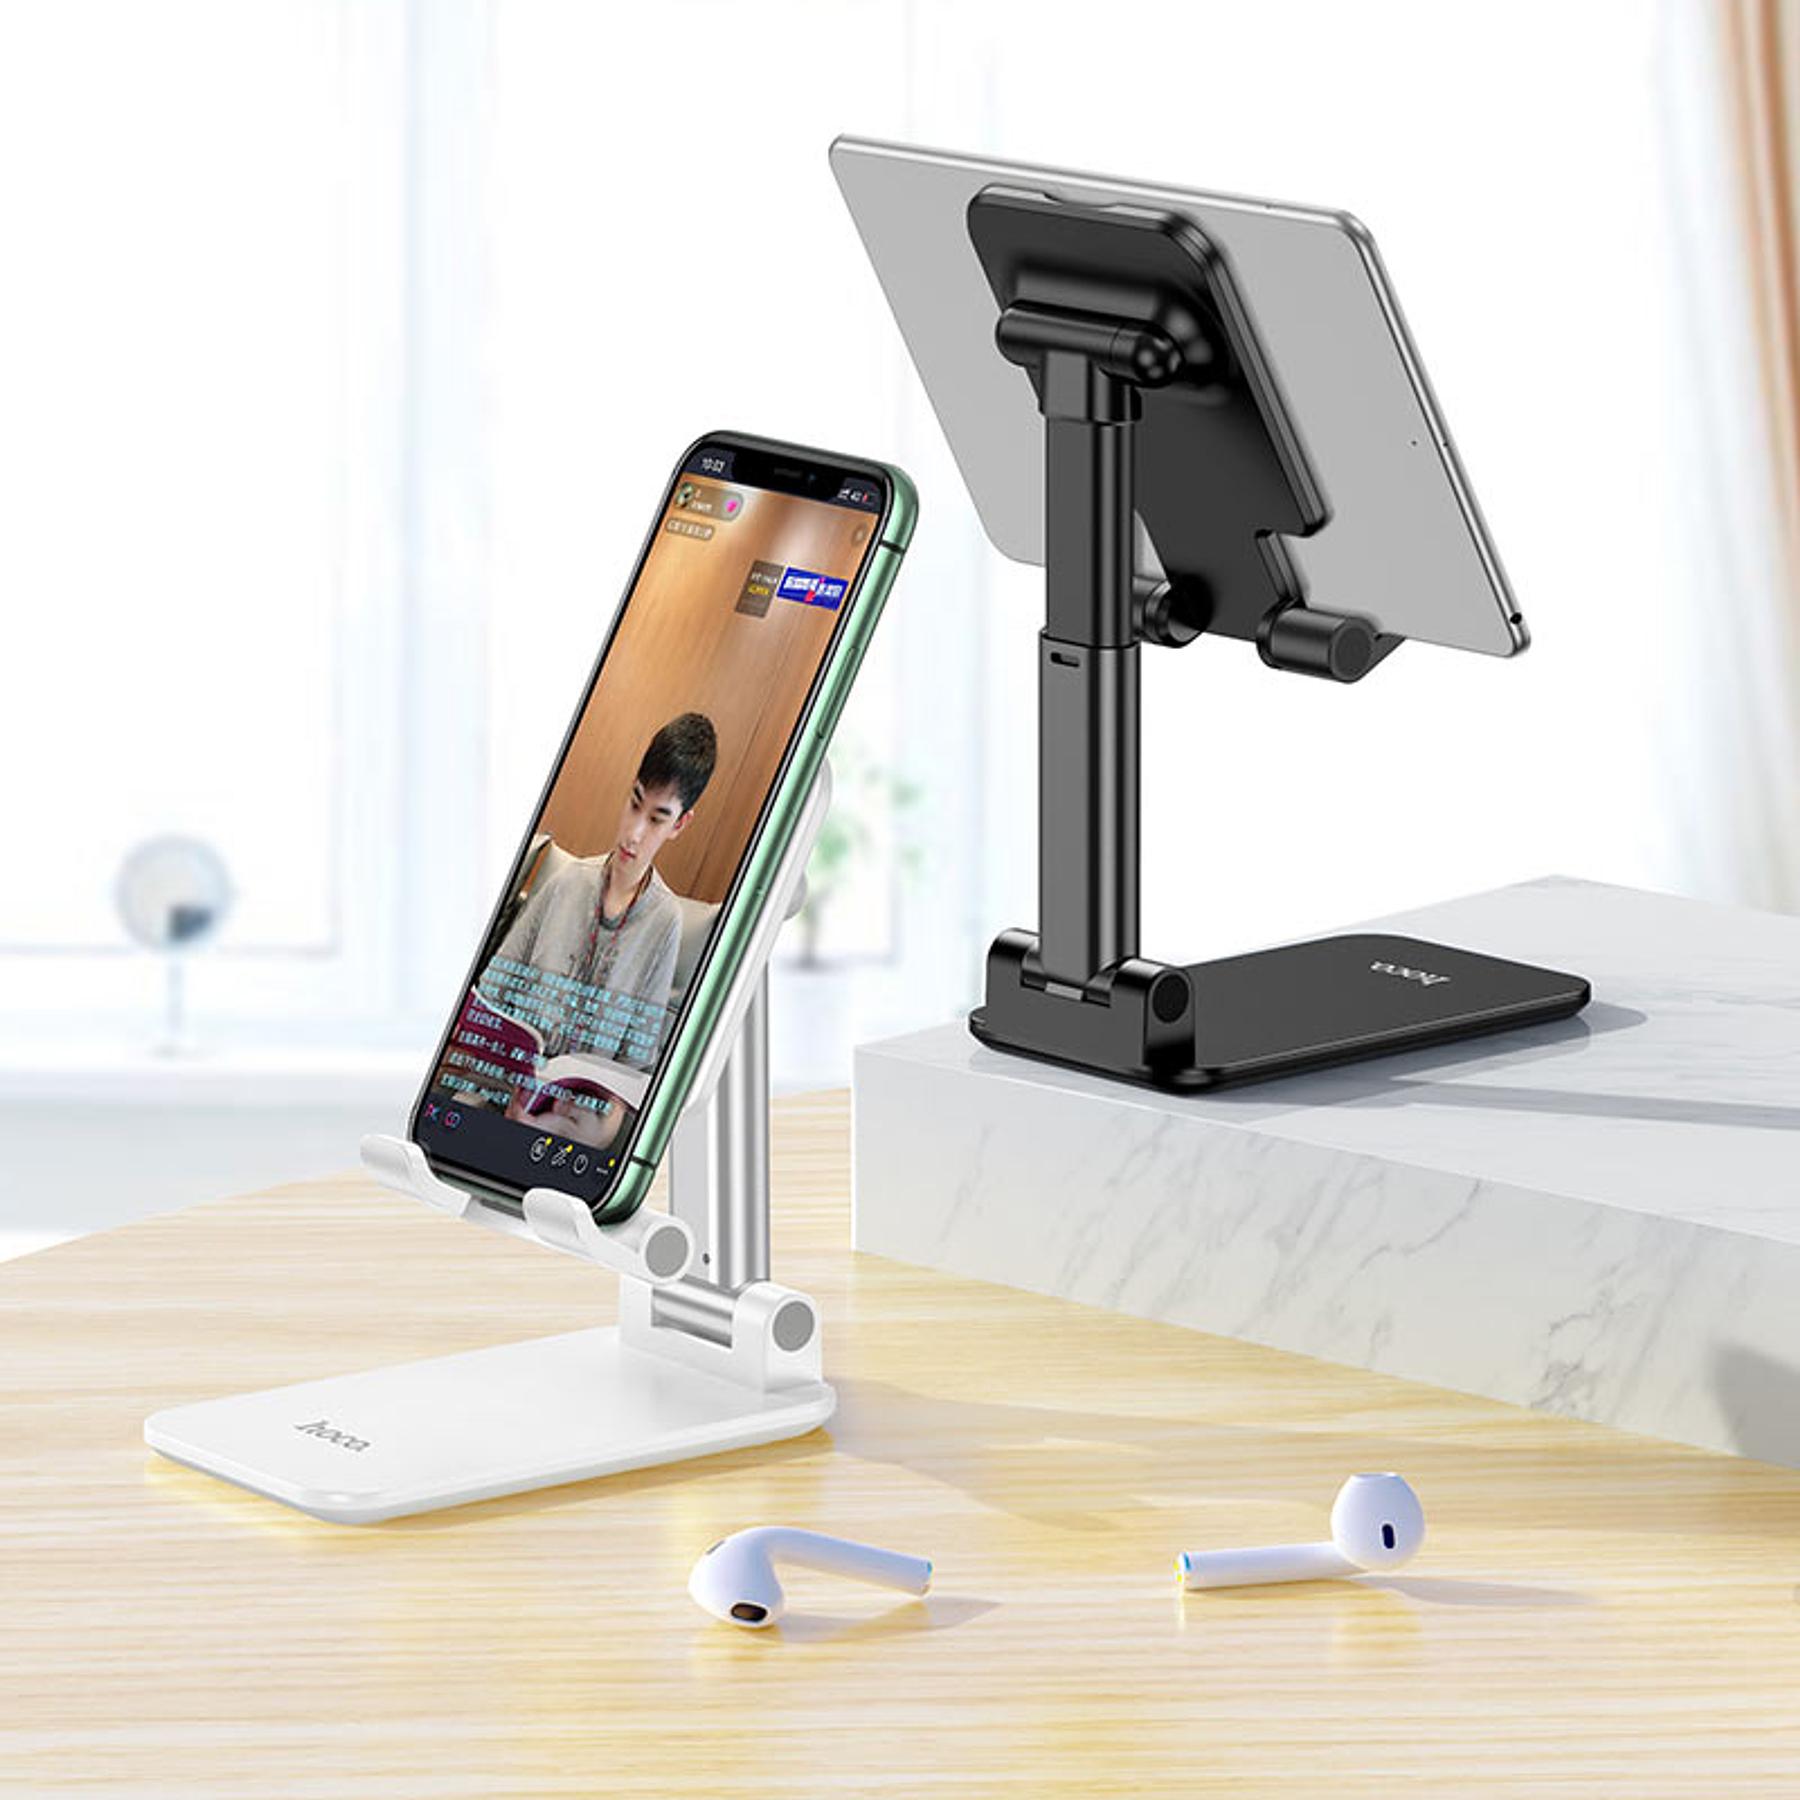 Soporte de escritorio Smartphone / Tablet - Hoco - Plateado